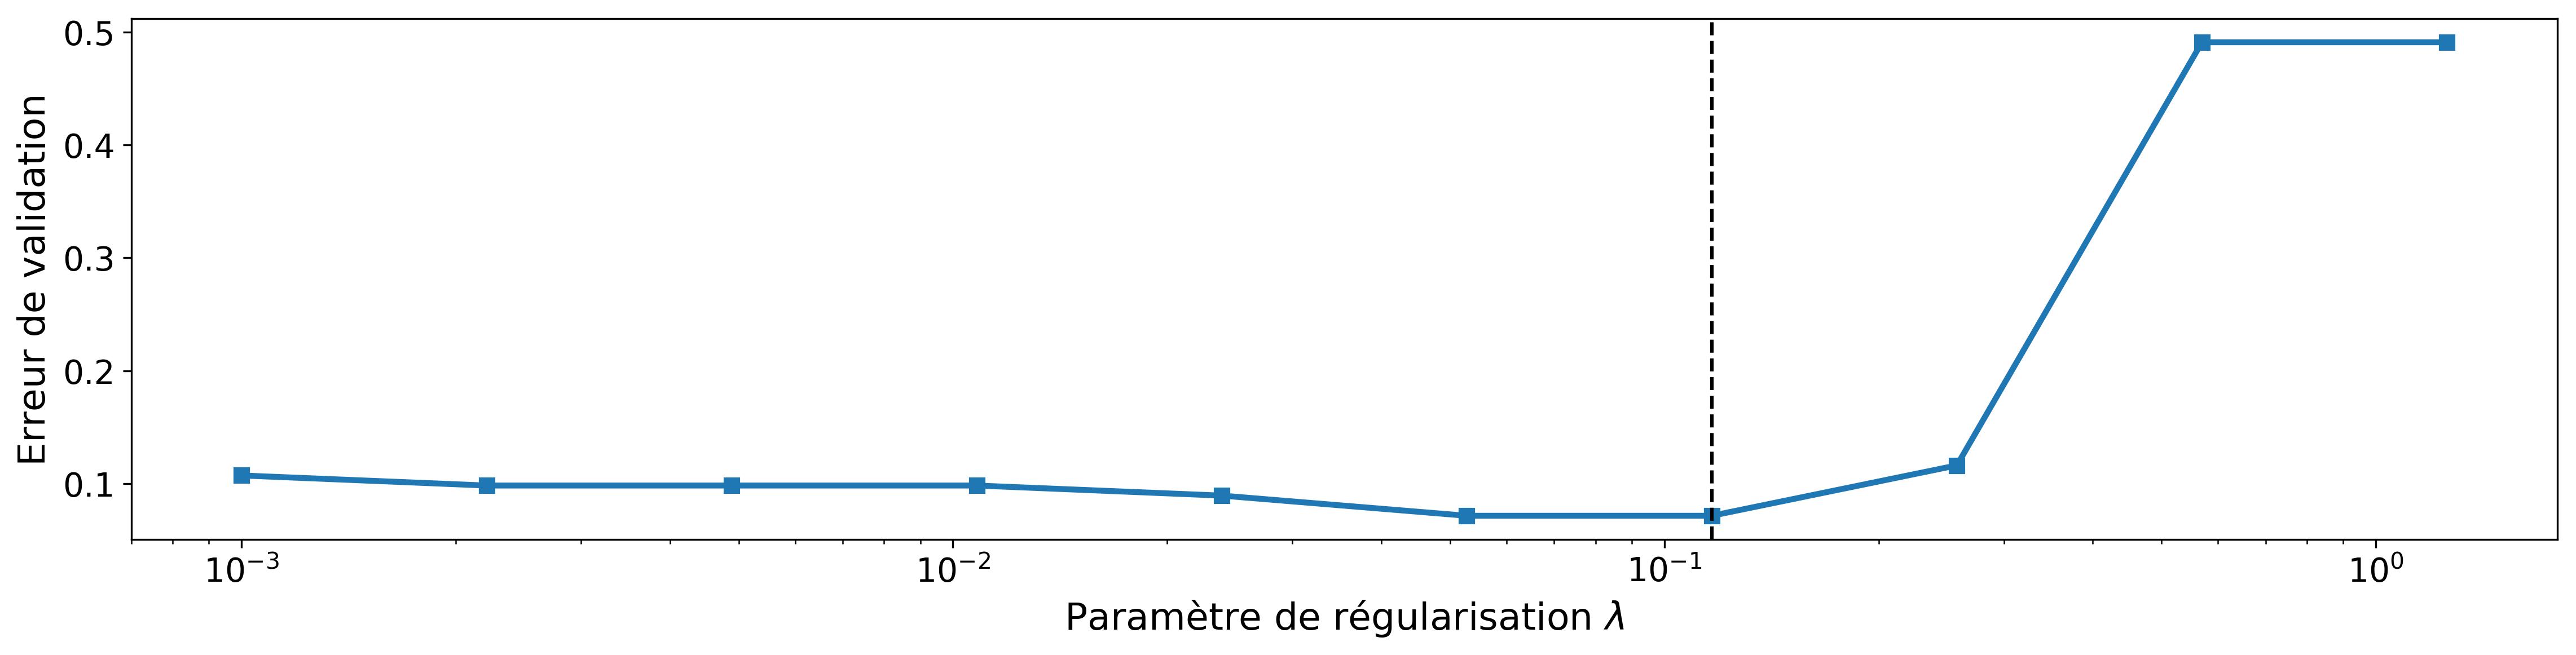 Critère de validation (erreur de classification) en fonction du paramètre de régularisation pour la régression logistique lasso. La ligne en pointillé indique la valeur retenue.